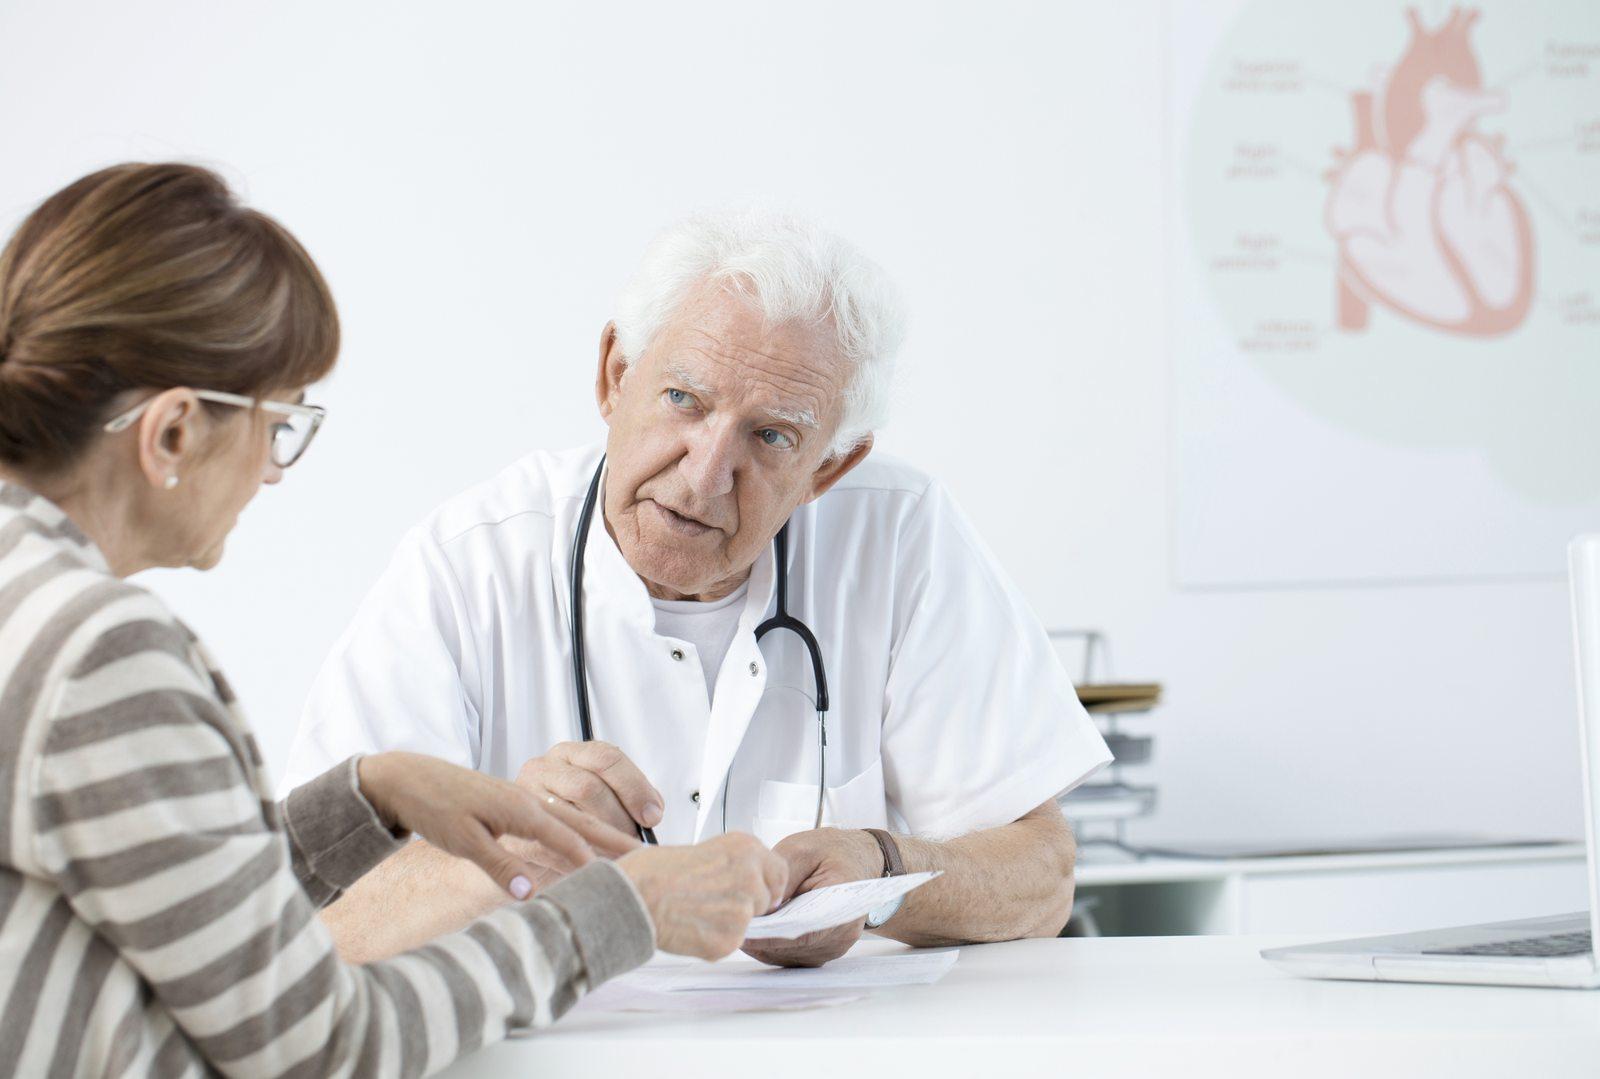 Calendario Menopausa.Irregolarita Mestruale Un Modo Per Prevedere L Arrivo Della